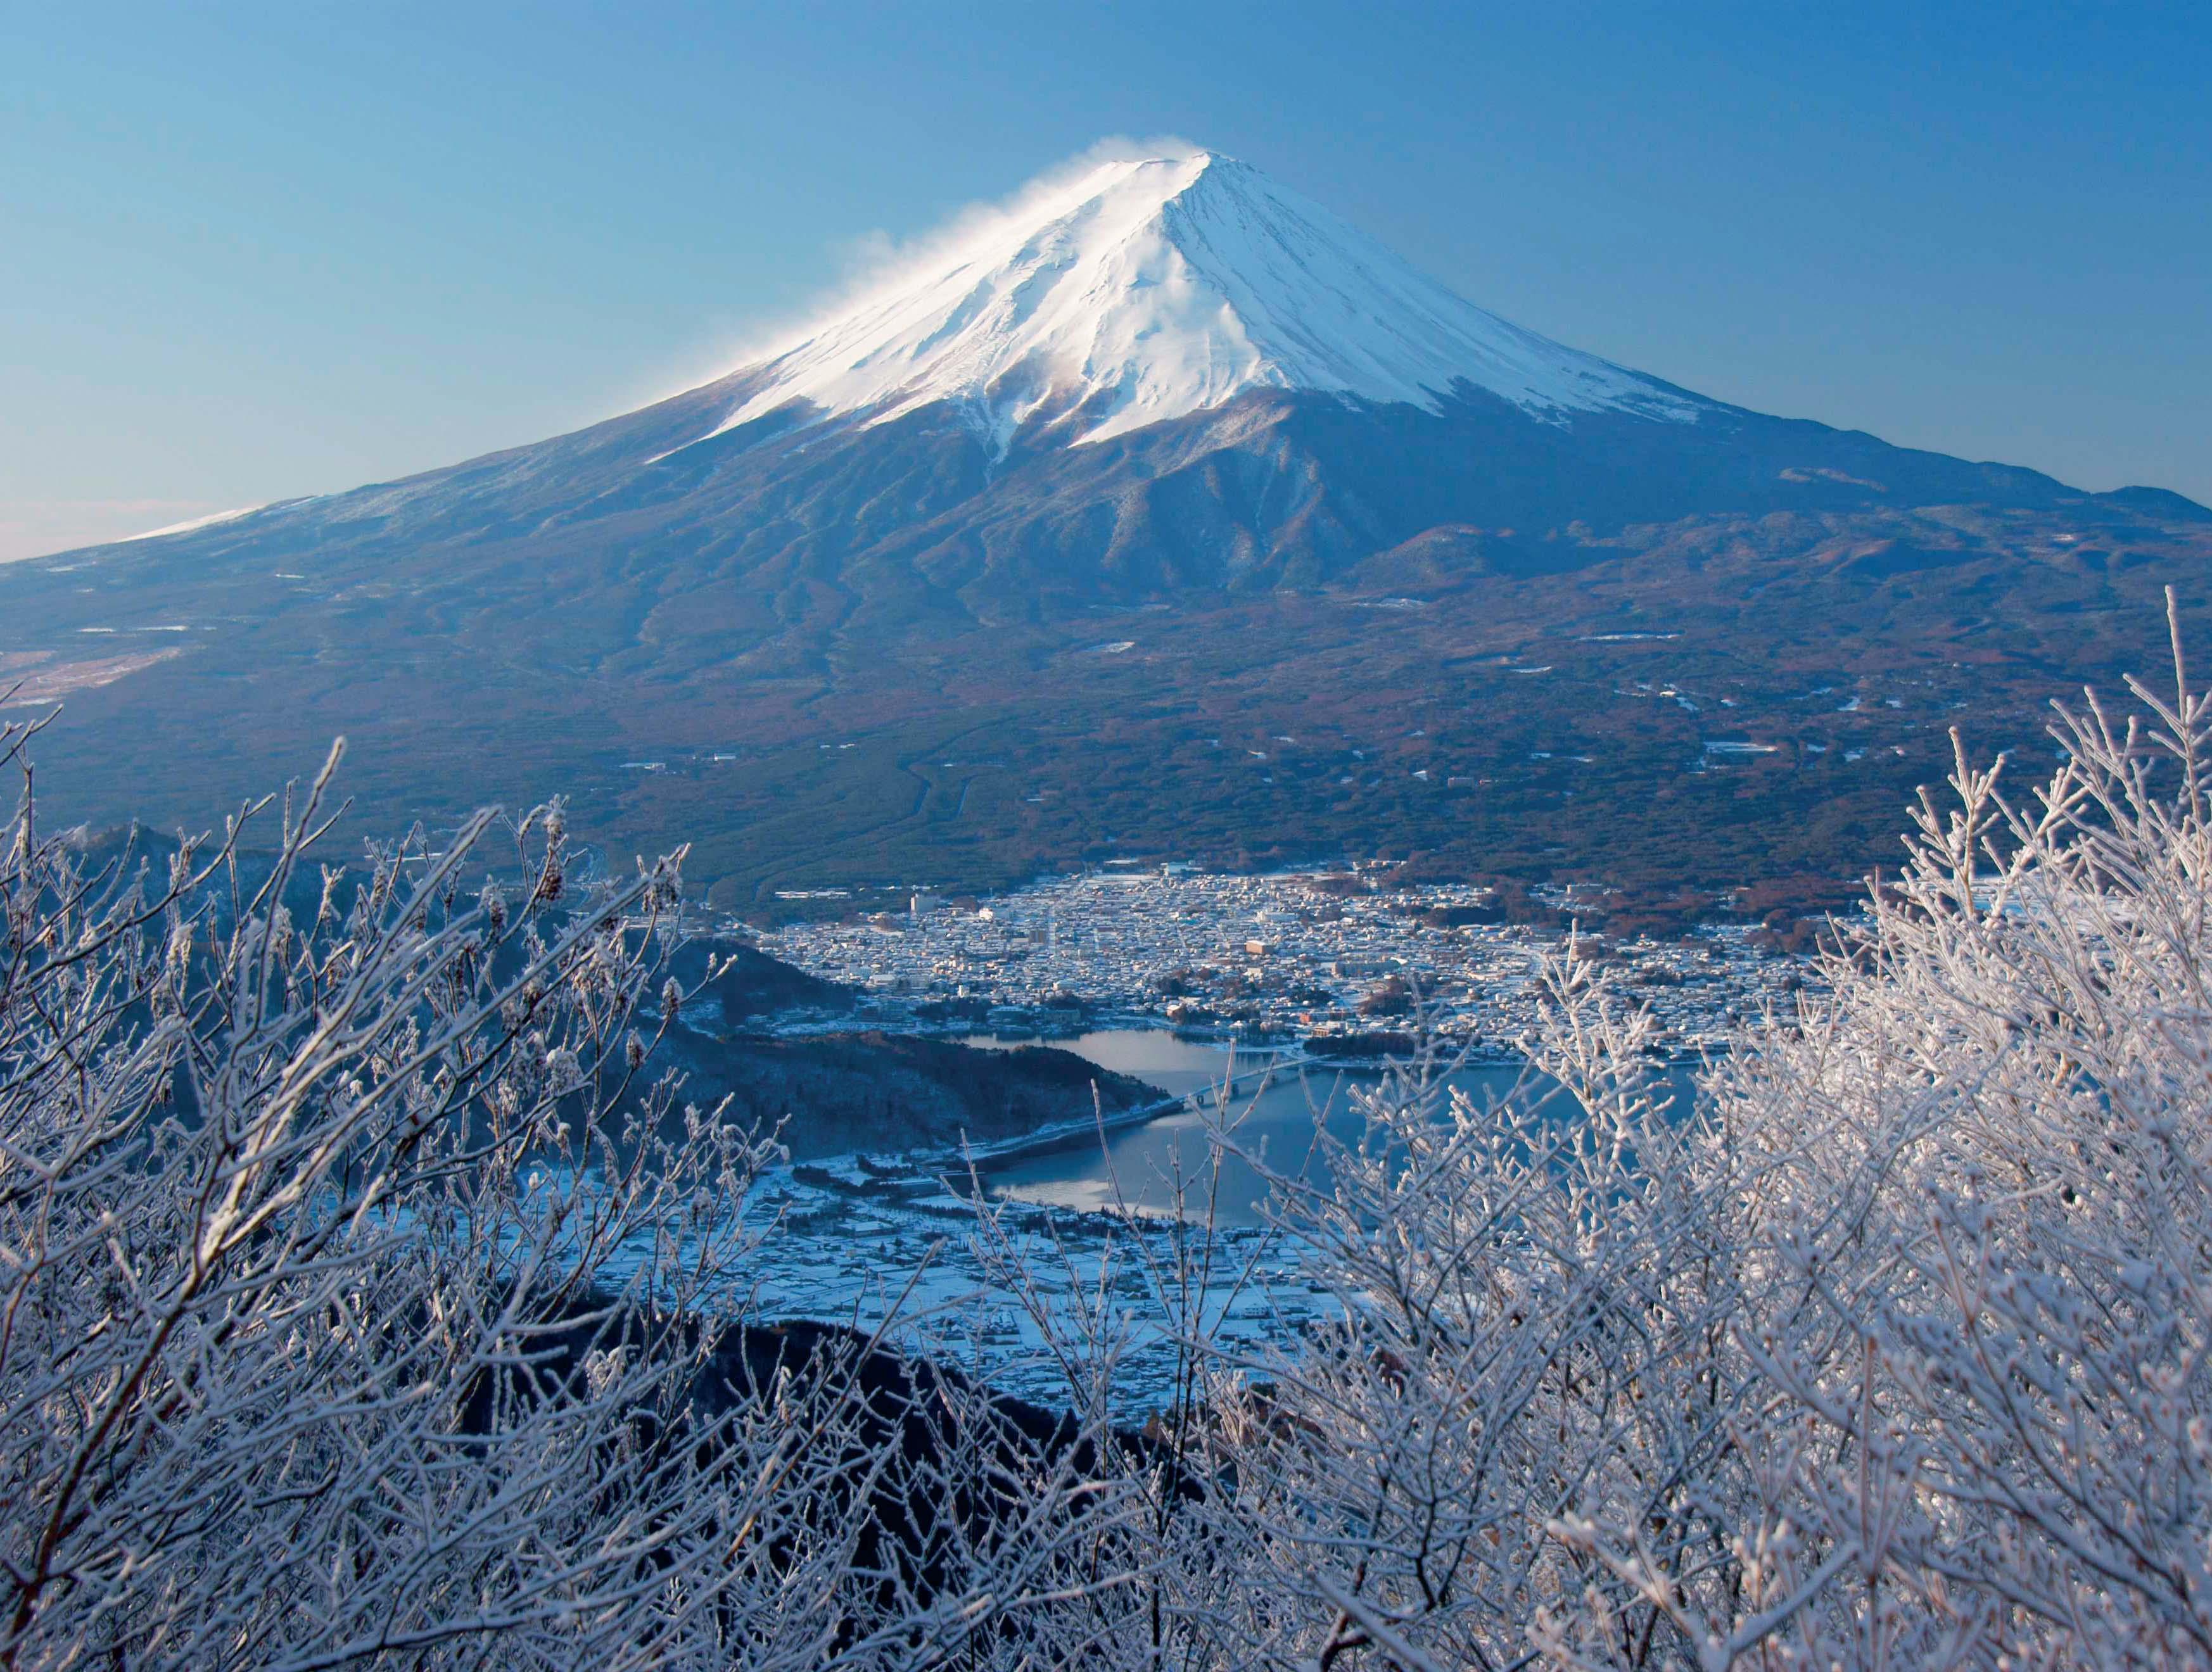 Du lịch Nhật Bản - Những nẻo đường Phù tang